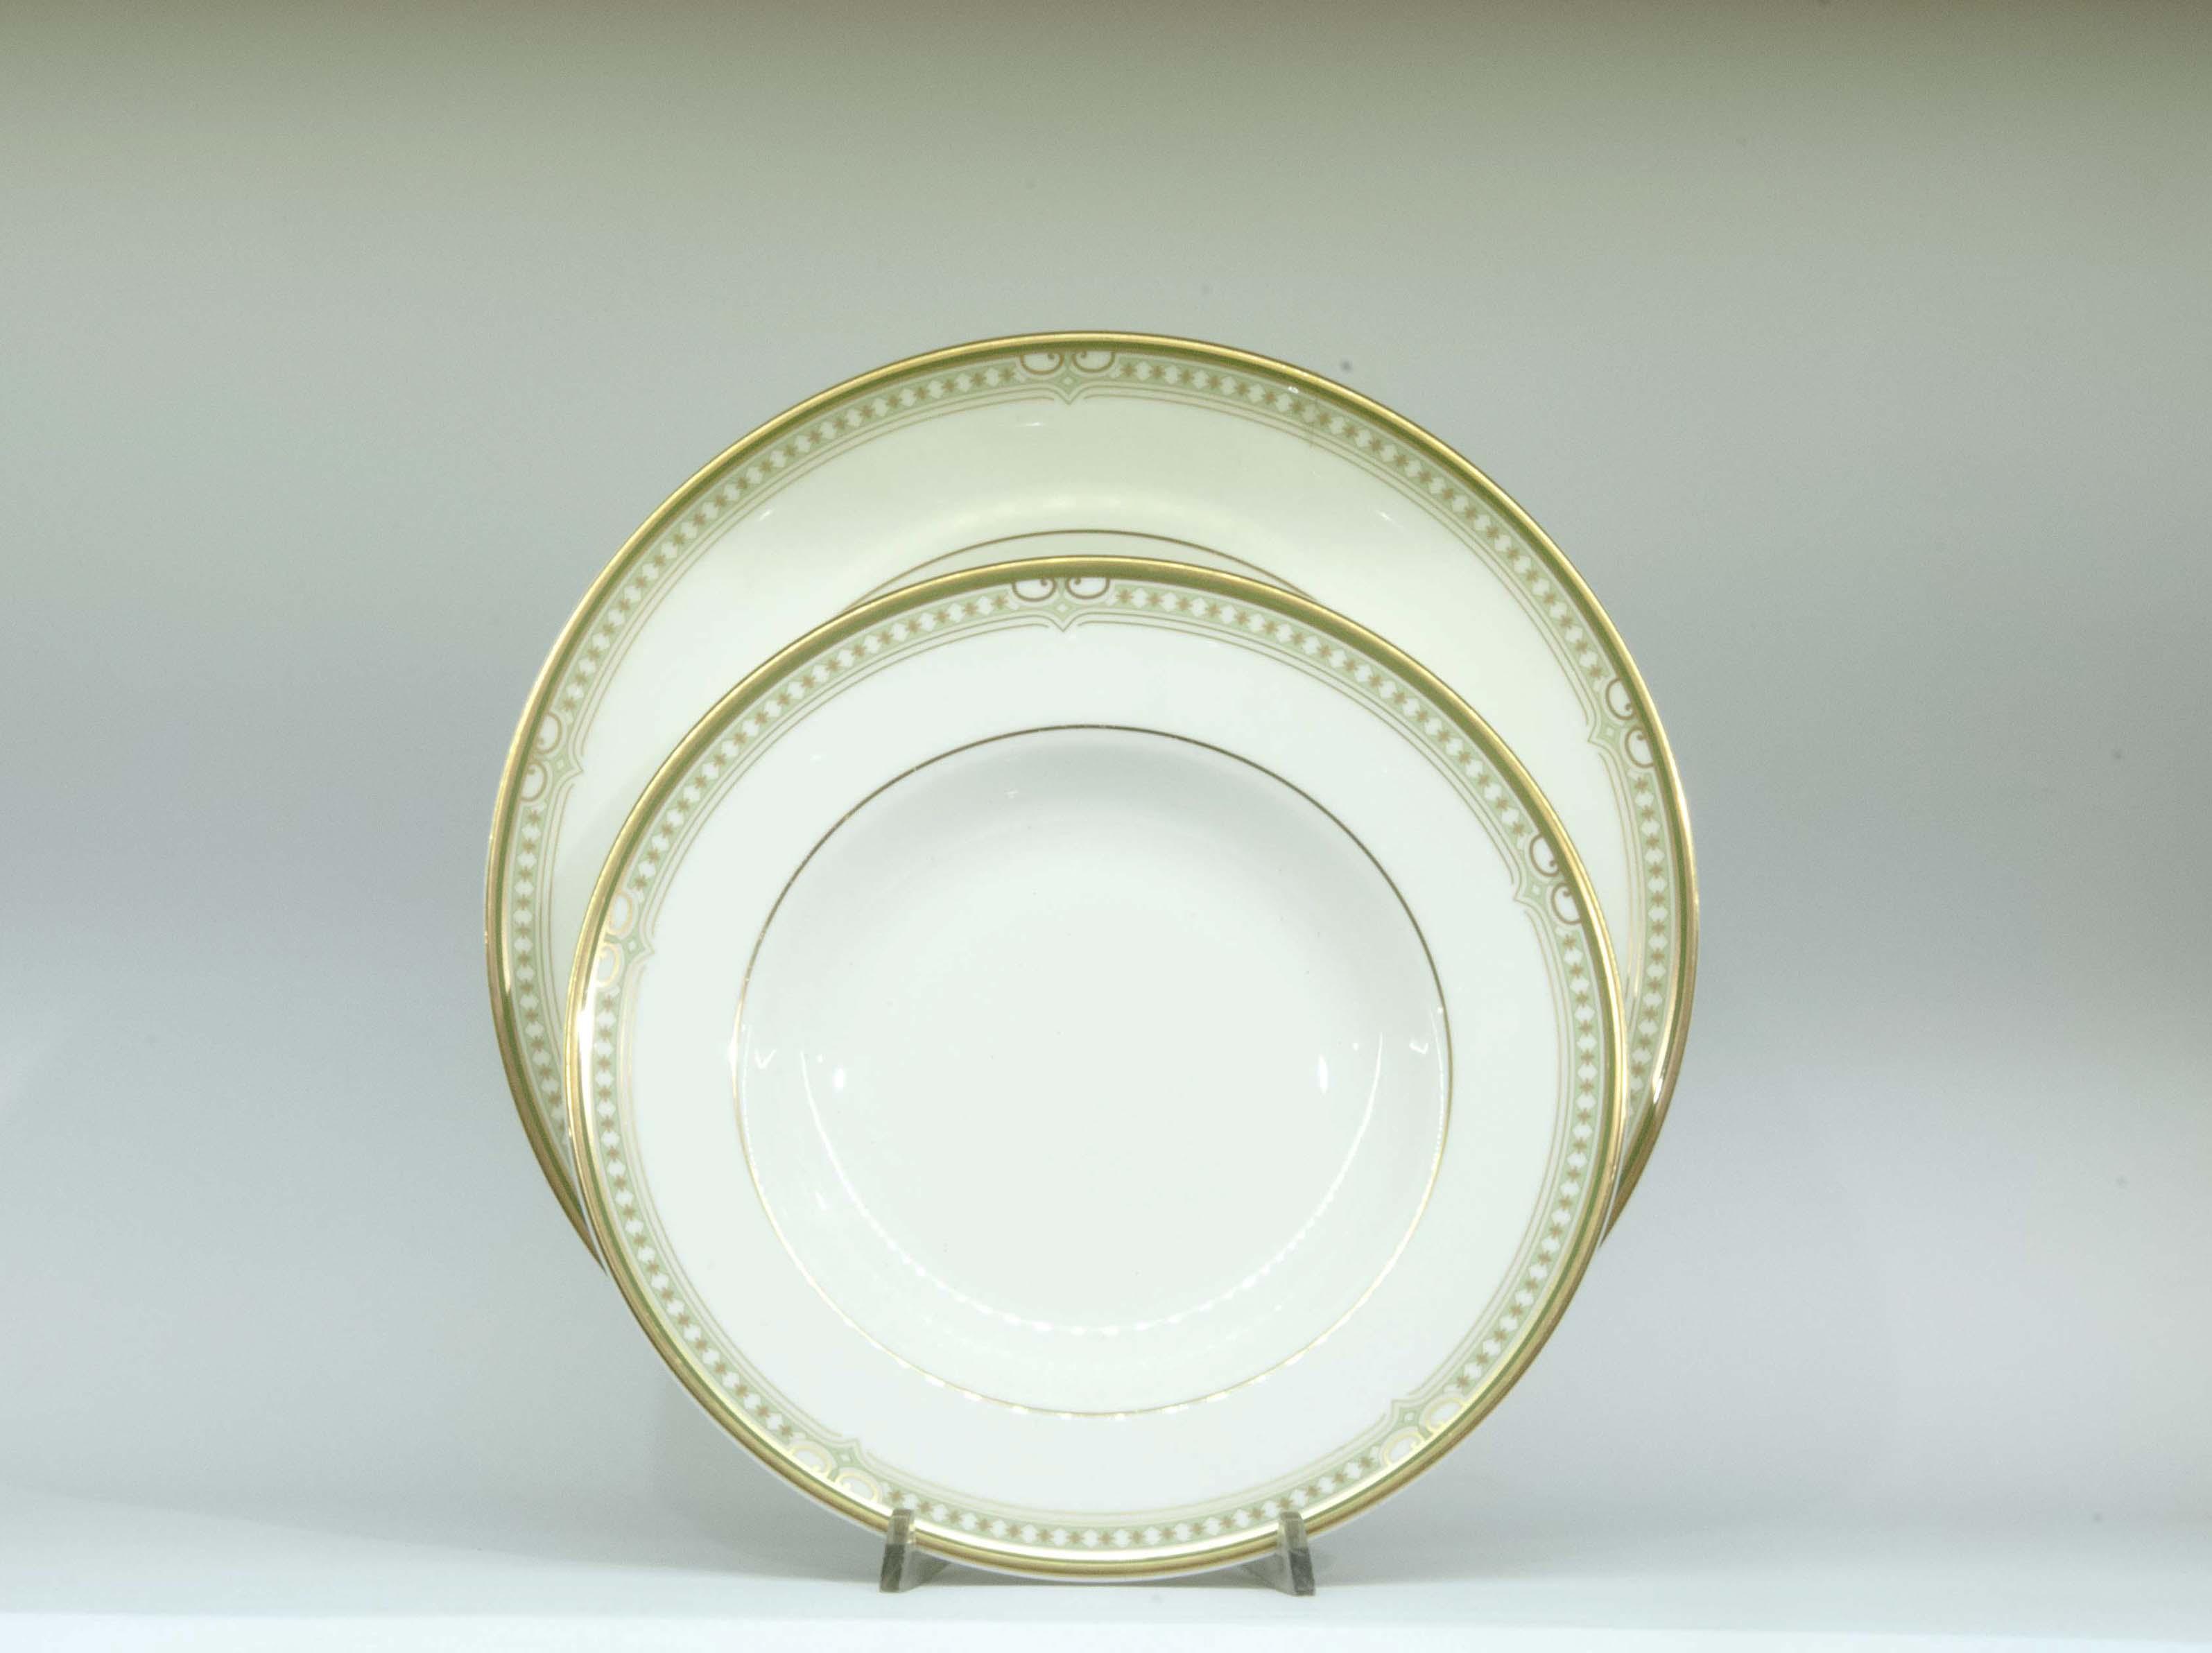 Gallo regali liste nozze i piatti lichfield di royal doulton for Sveglia thun prezzo